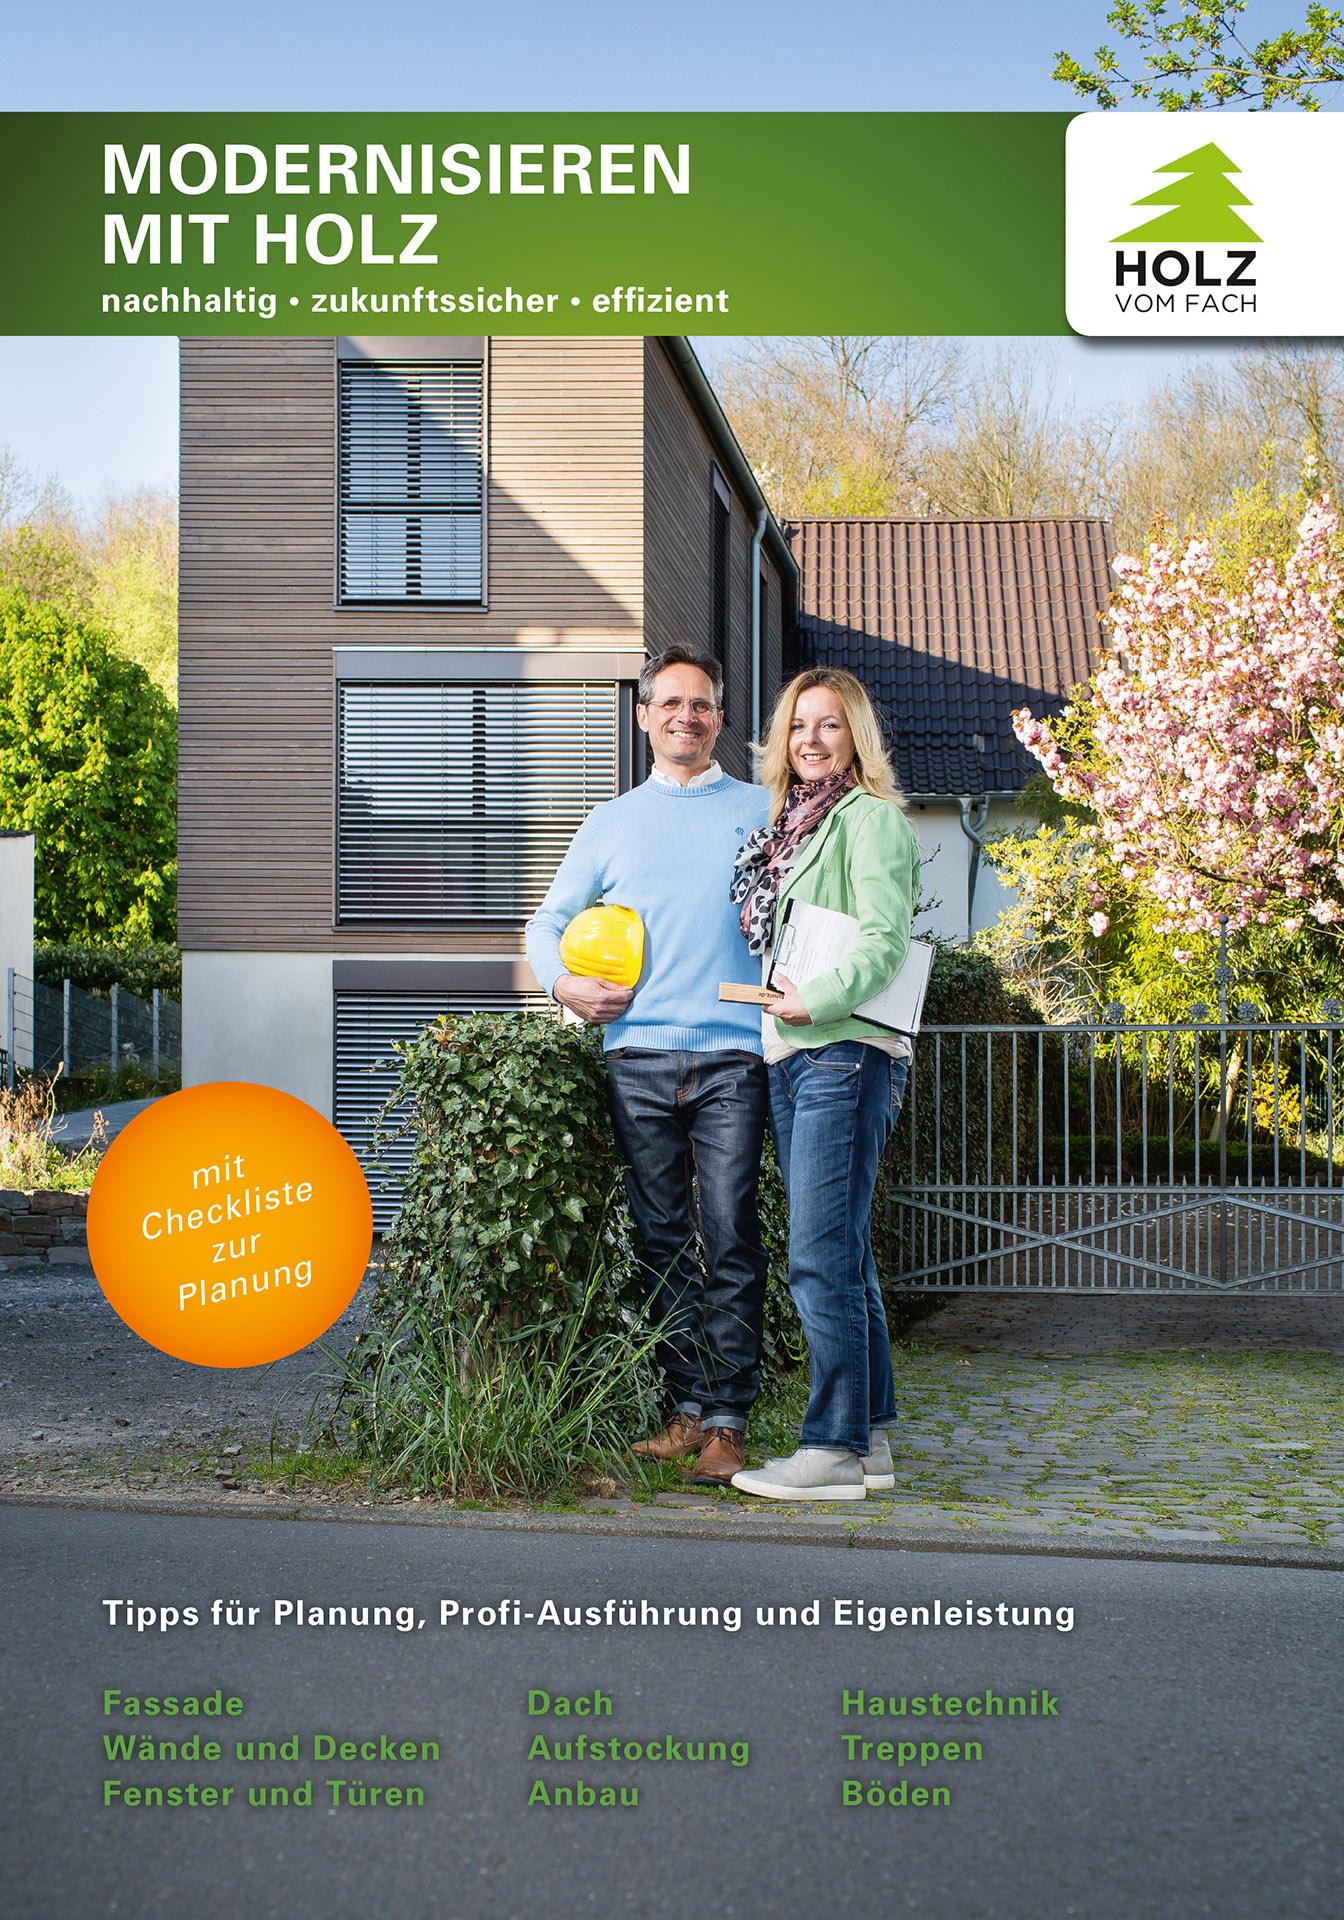 Titelbild der Broschüre Modernisieren mit Holz